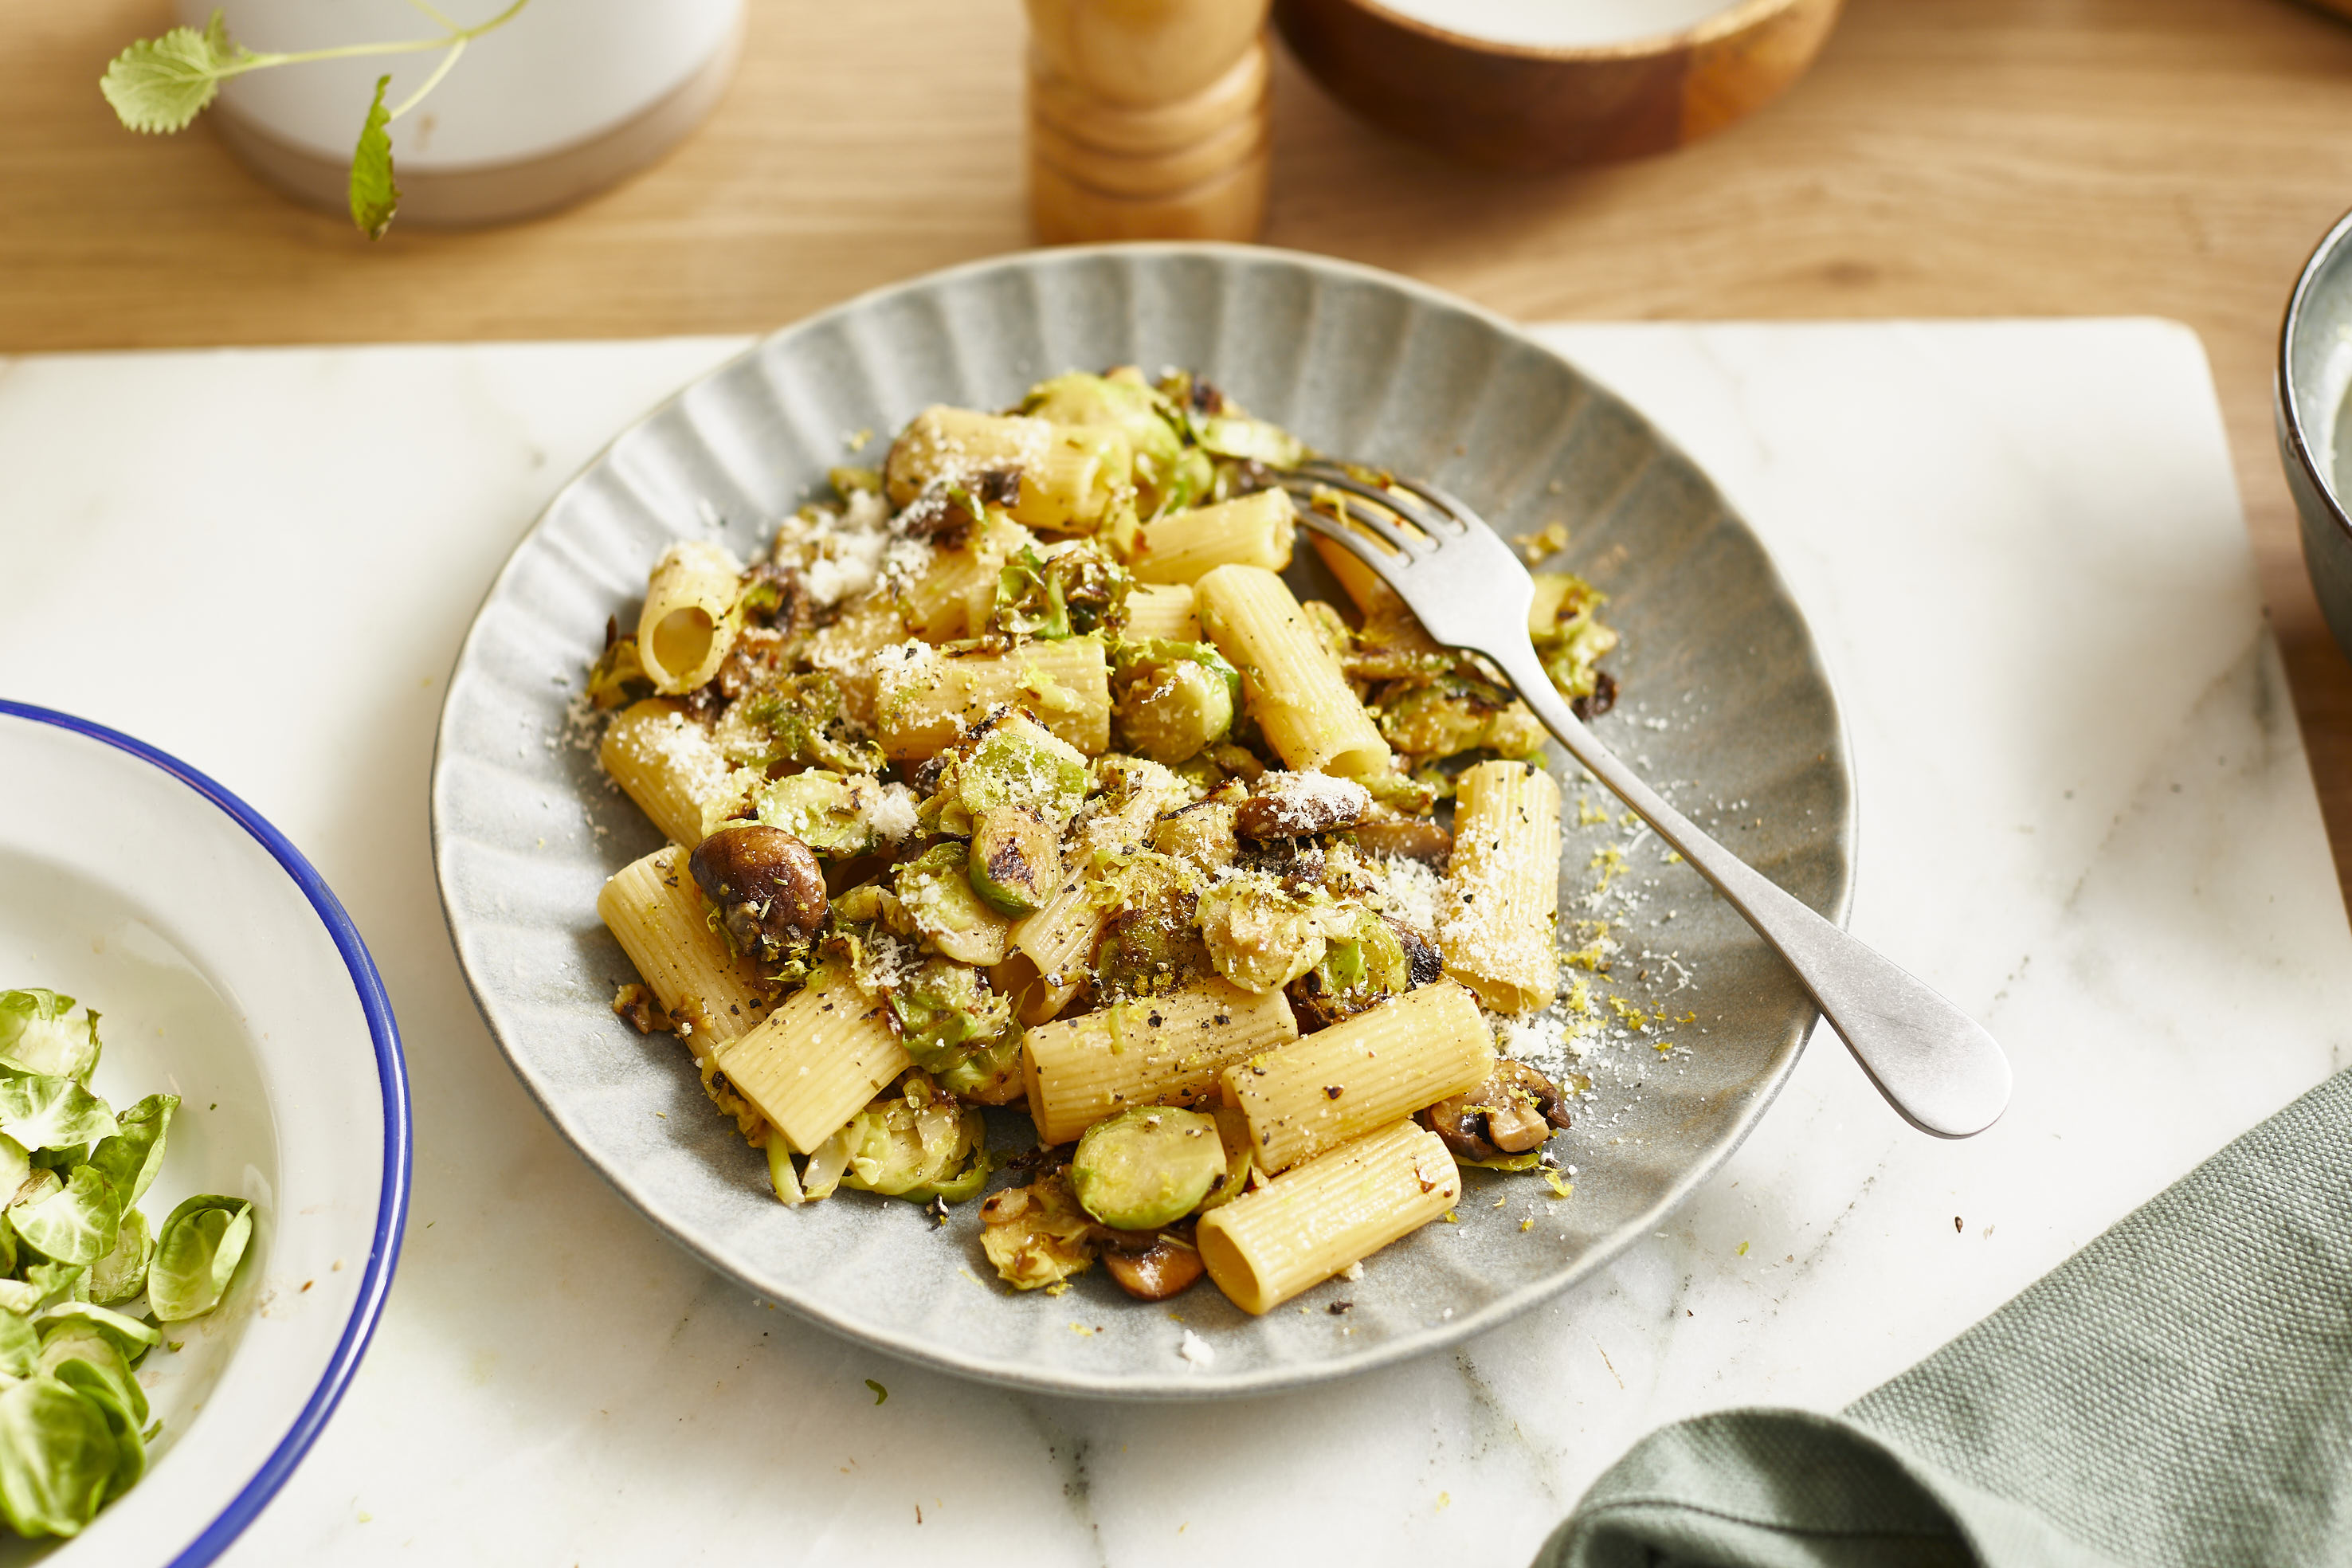 kohlsprossen-pasta-nudeln-rezept- 1